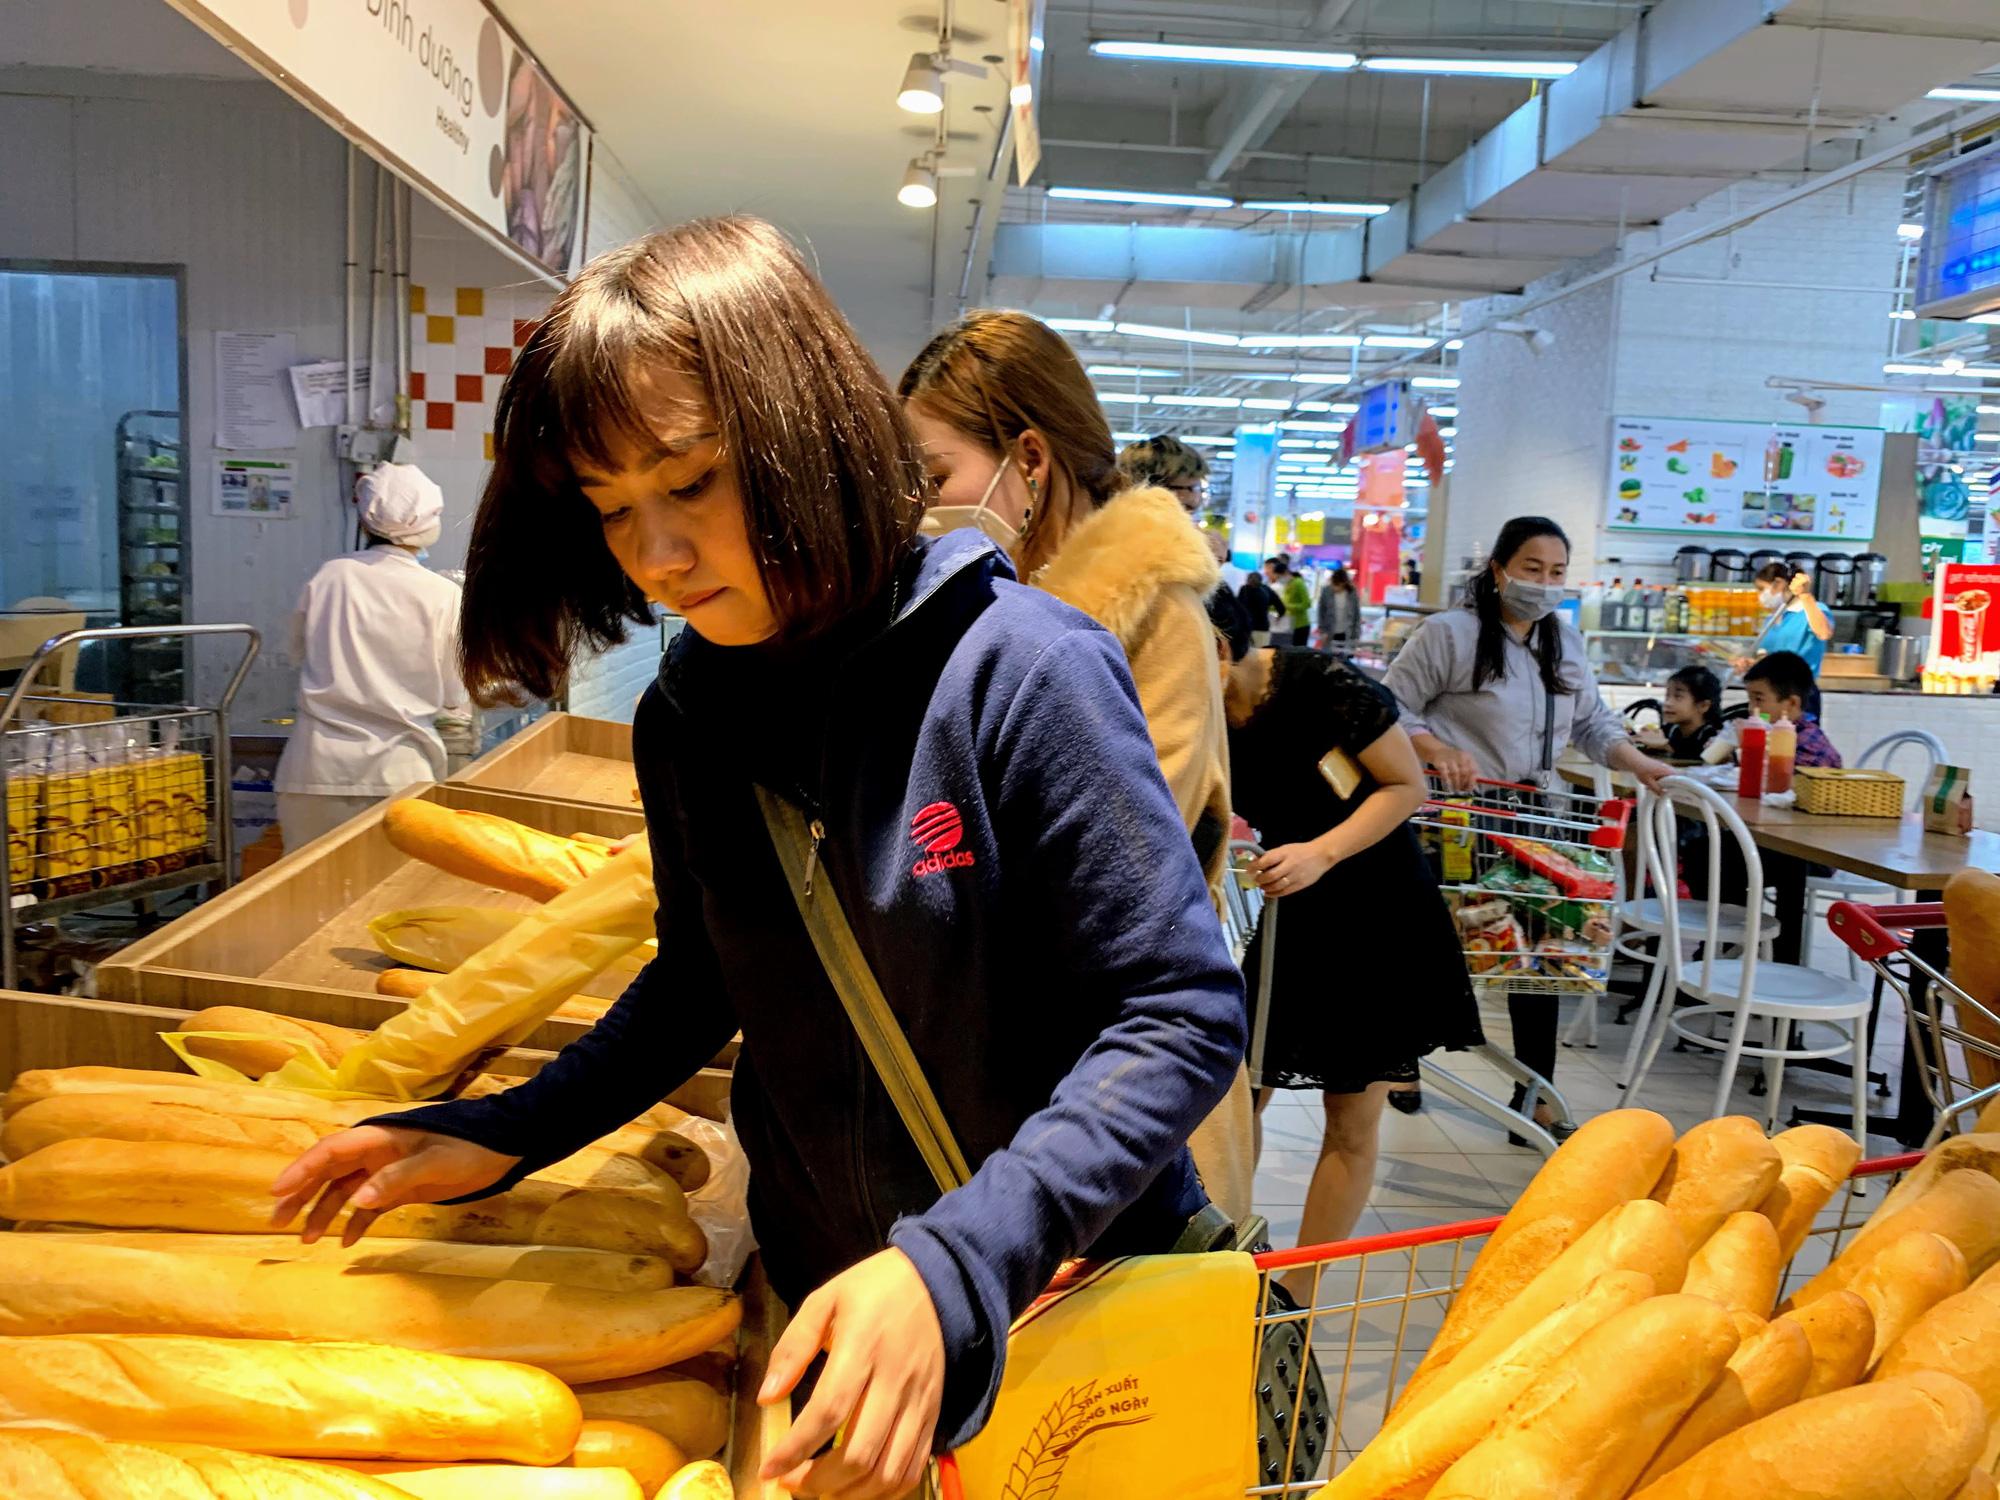 Hàng hoá trở lại đầy ắp trong siêu thị, người dân thảnh thơi mua sắm - Ảnh 16.